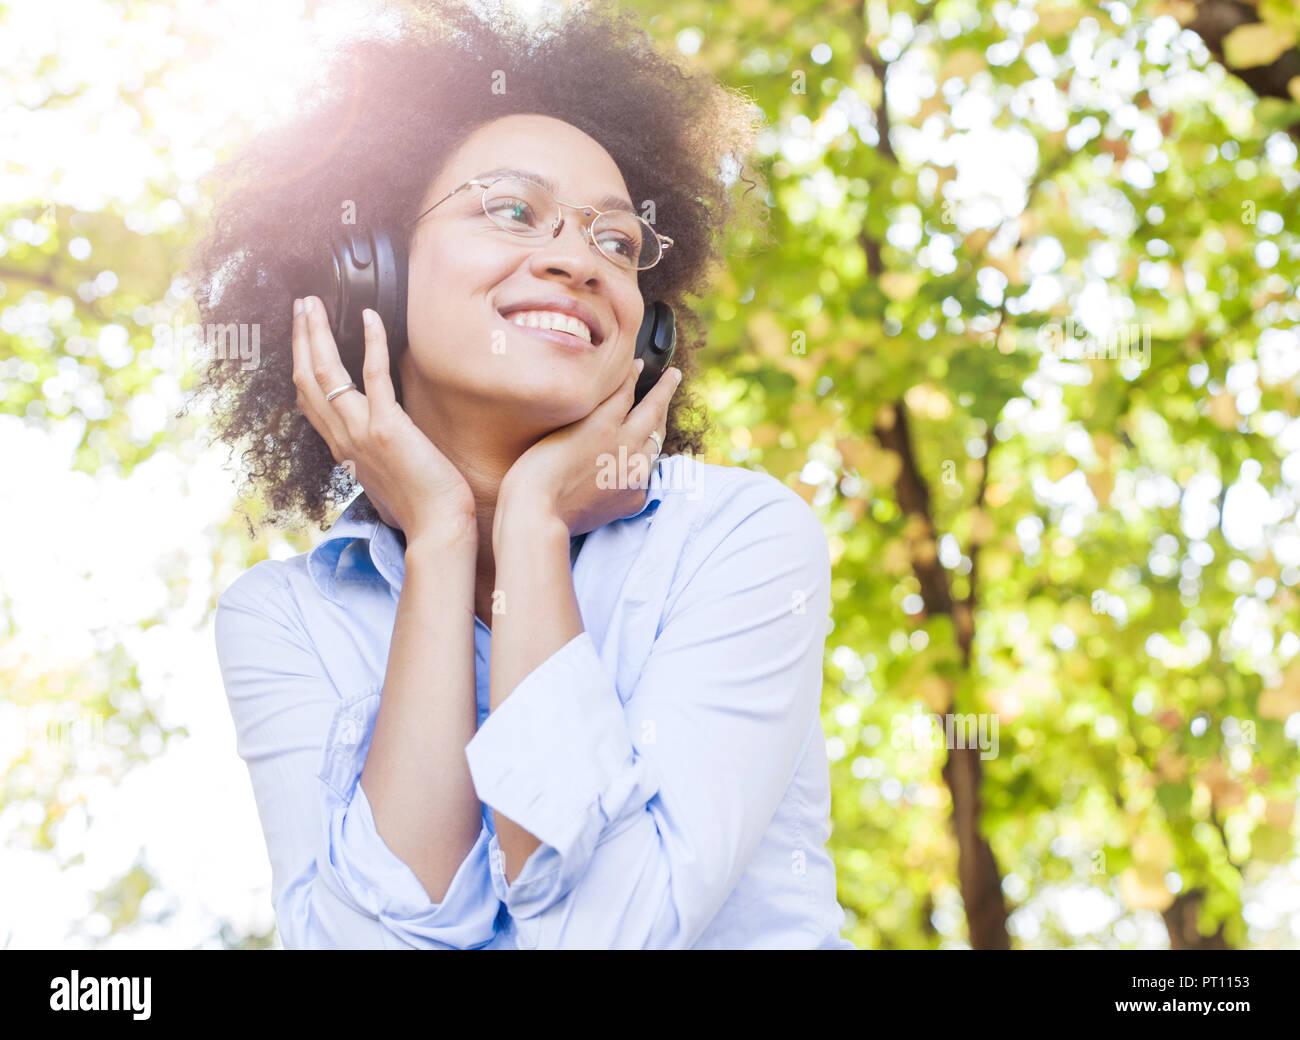 Ritratto di Bella felice Afro American giovane donna ascolto di musica con cuffie in natura, attraente razza mista femmina di divertimento all'aperto Foto Stock